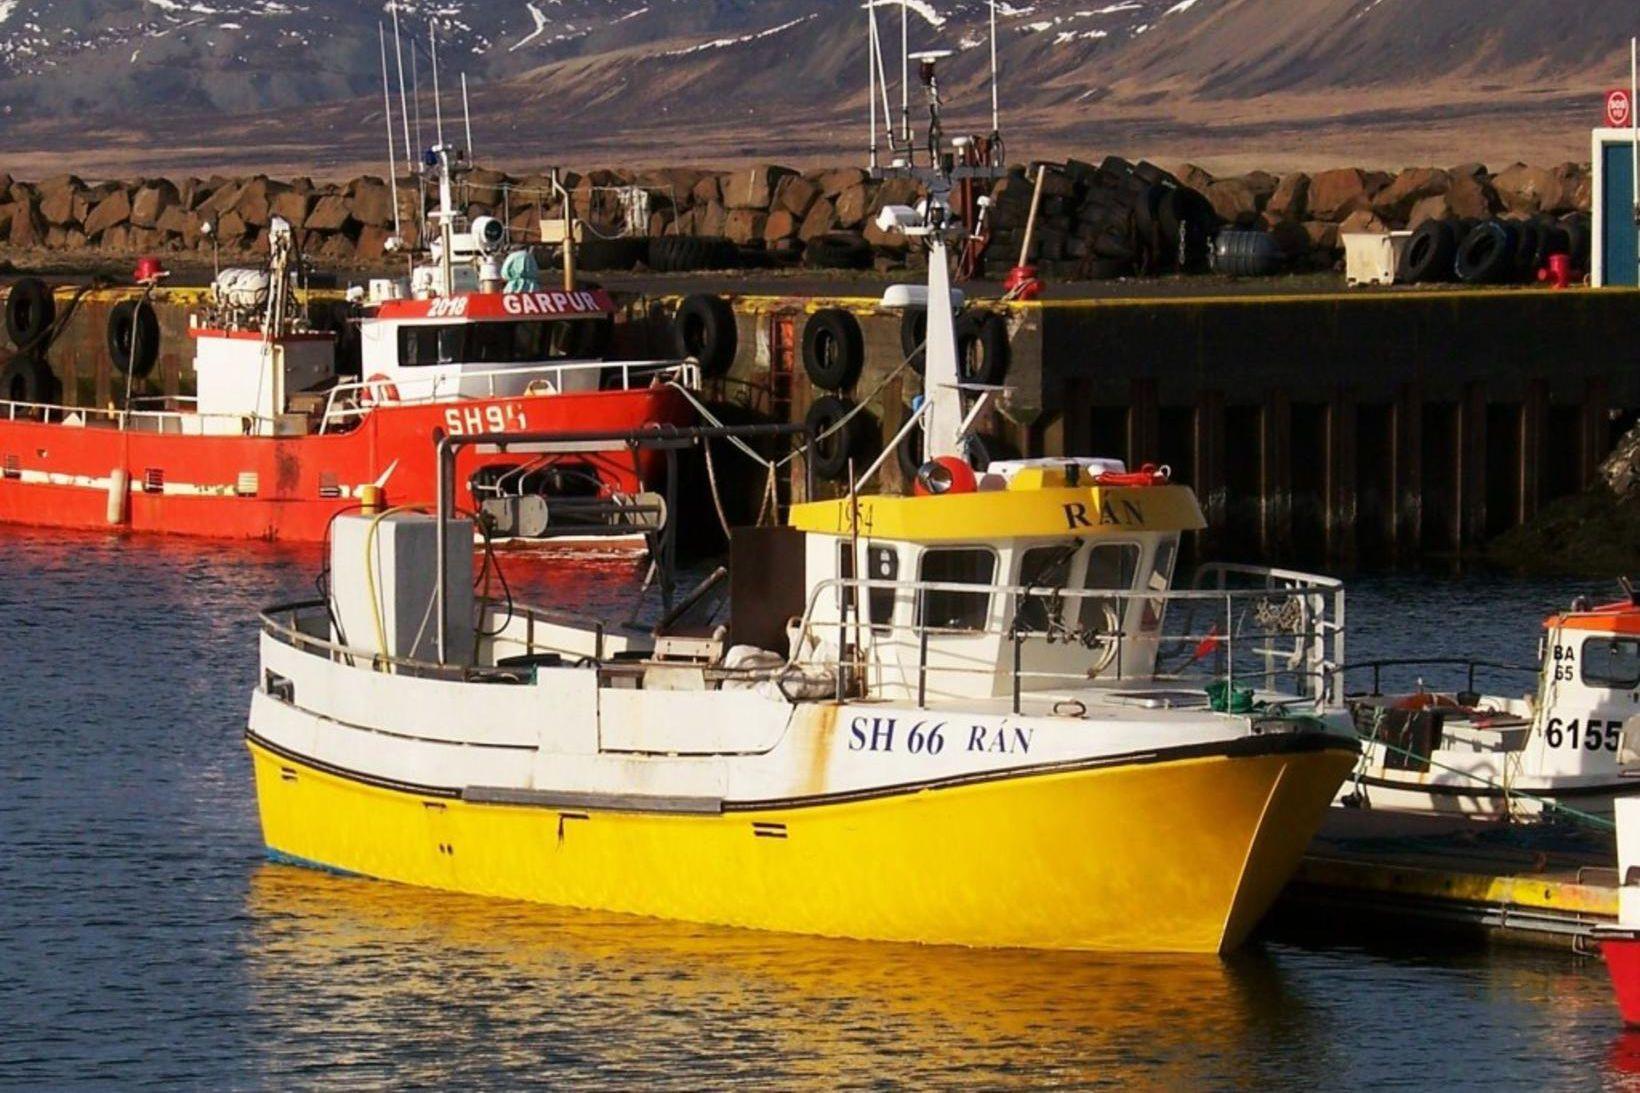 Hugrún DA, áður Rán SH, var aflahæsti báturinn á grásleppuvertíðinni.